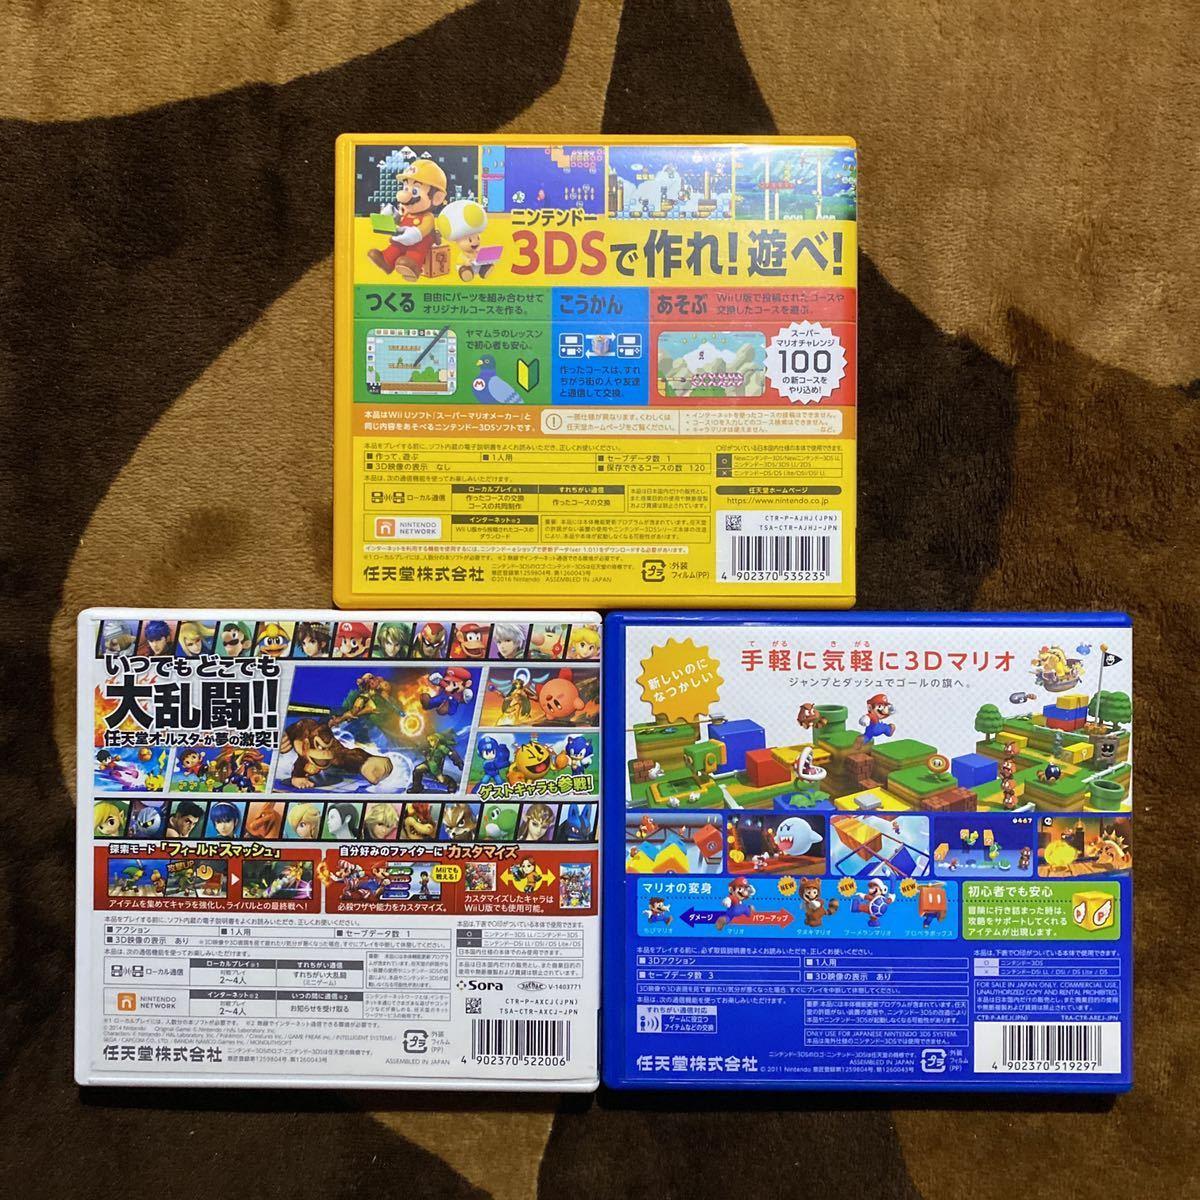 3DS スーパーマリオメーカー、スーパーマリオ3Dランド、大乱闘スマッシュブラザーズ